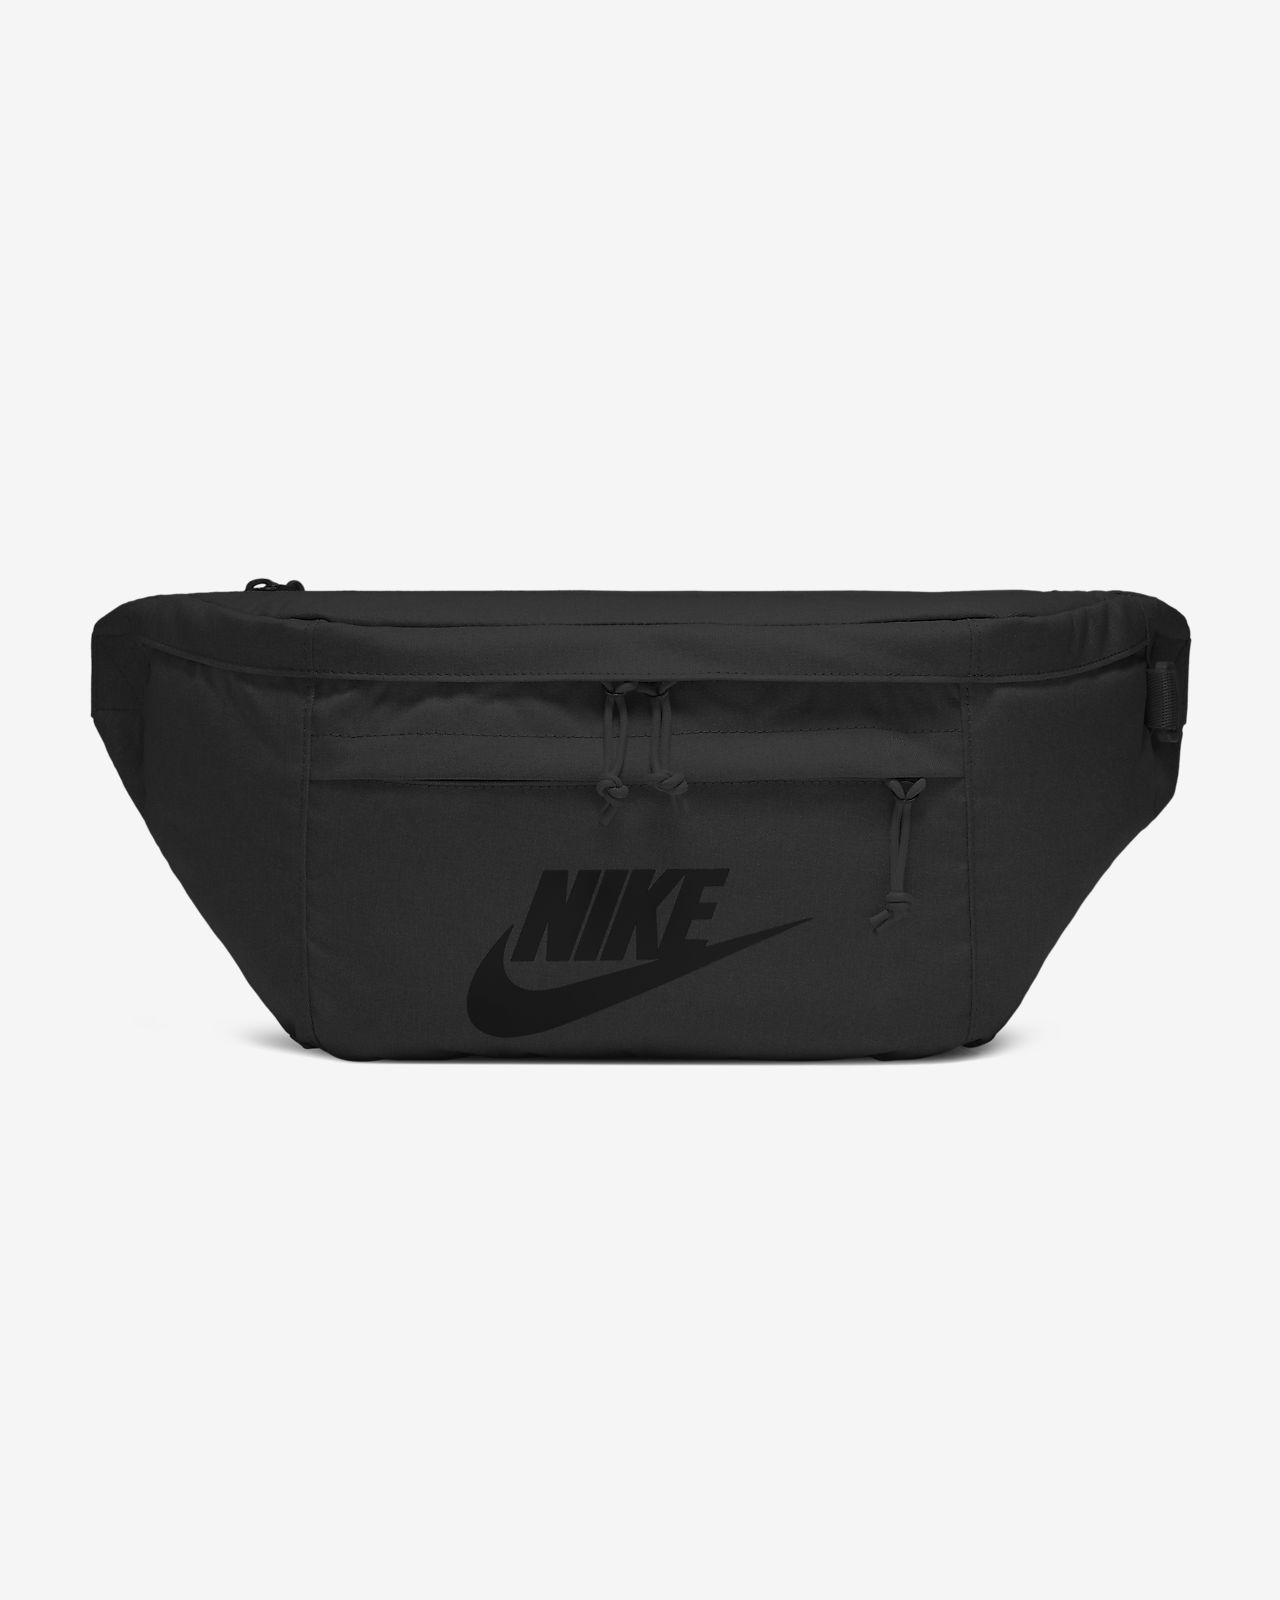 a10e52e2d2 Low Resolution Τσαντάκι μέσης Nike Tech Τσαντάκι μέσης Nike Tech